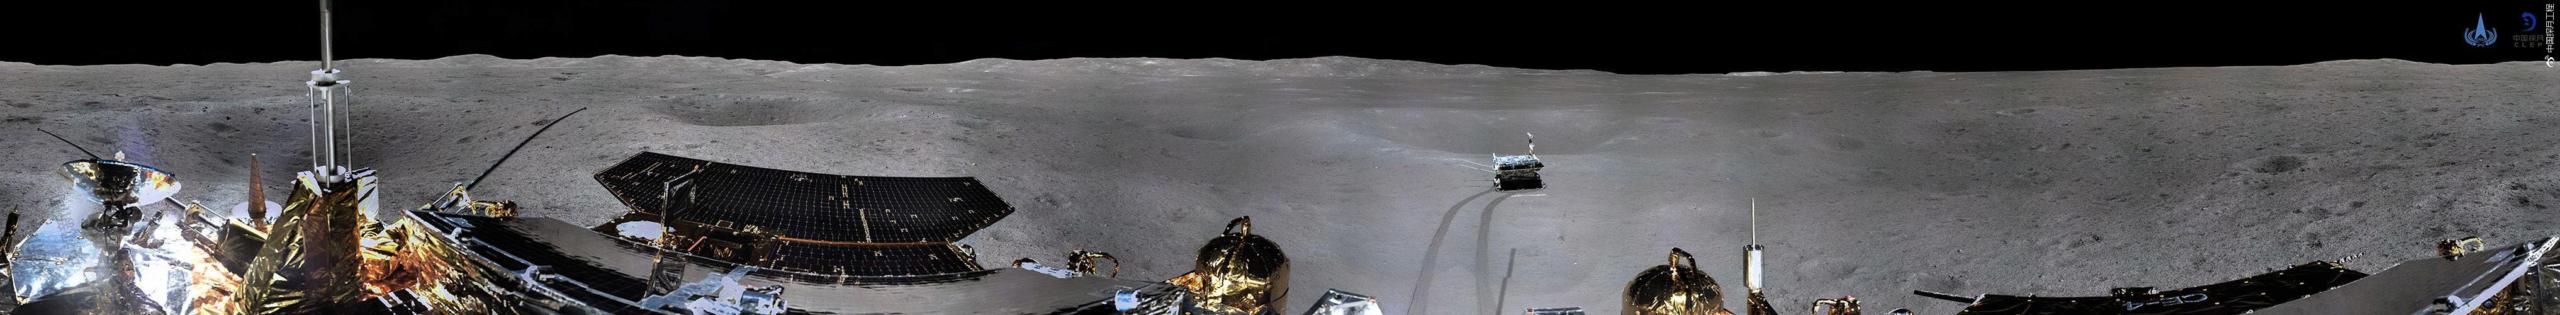 Chang'e 4 - Mission sur la face cachée de la Lune (rover Yutu 2) - Page 8 1378